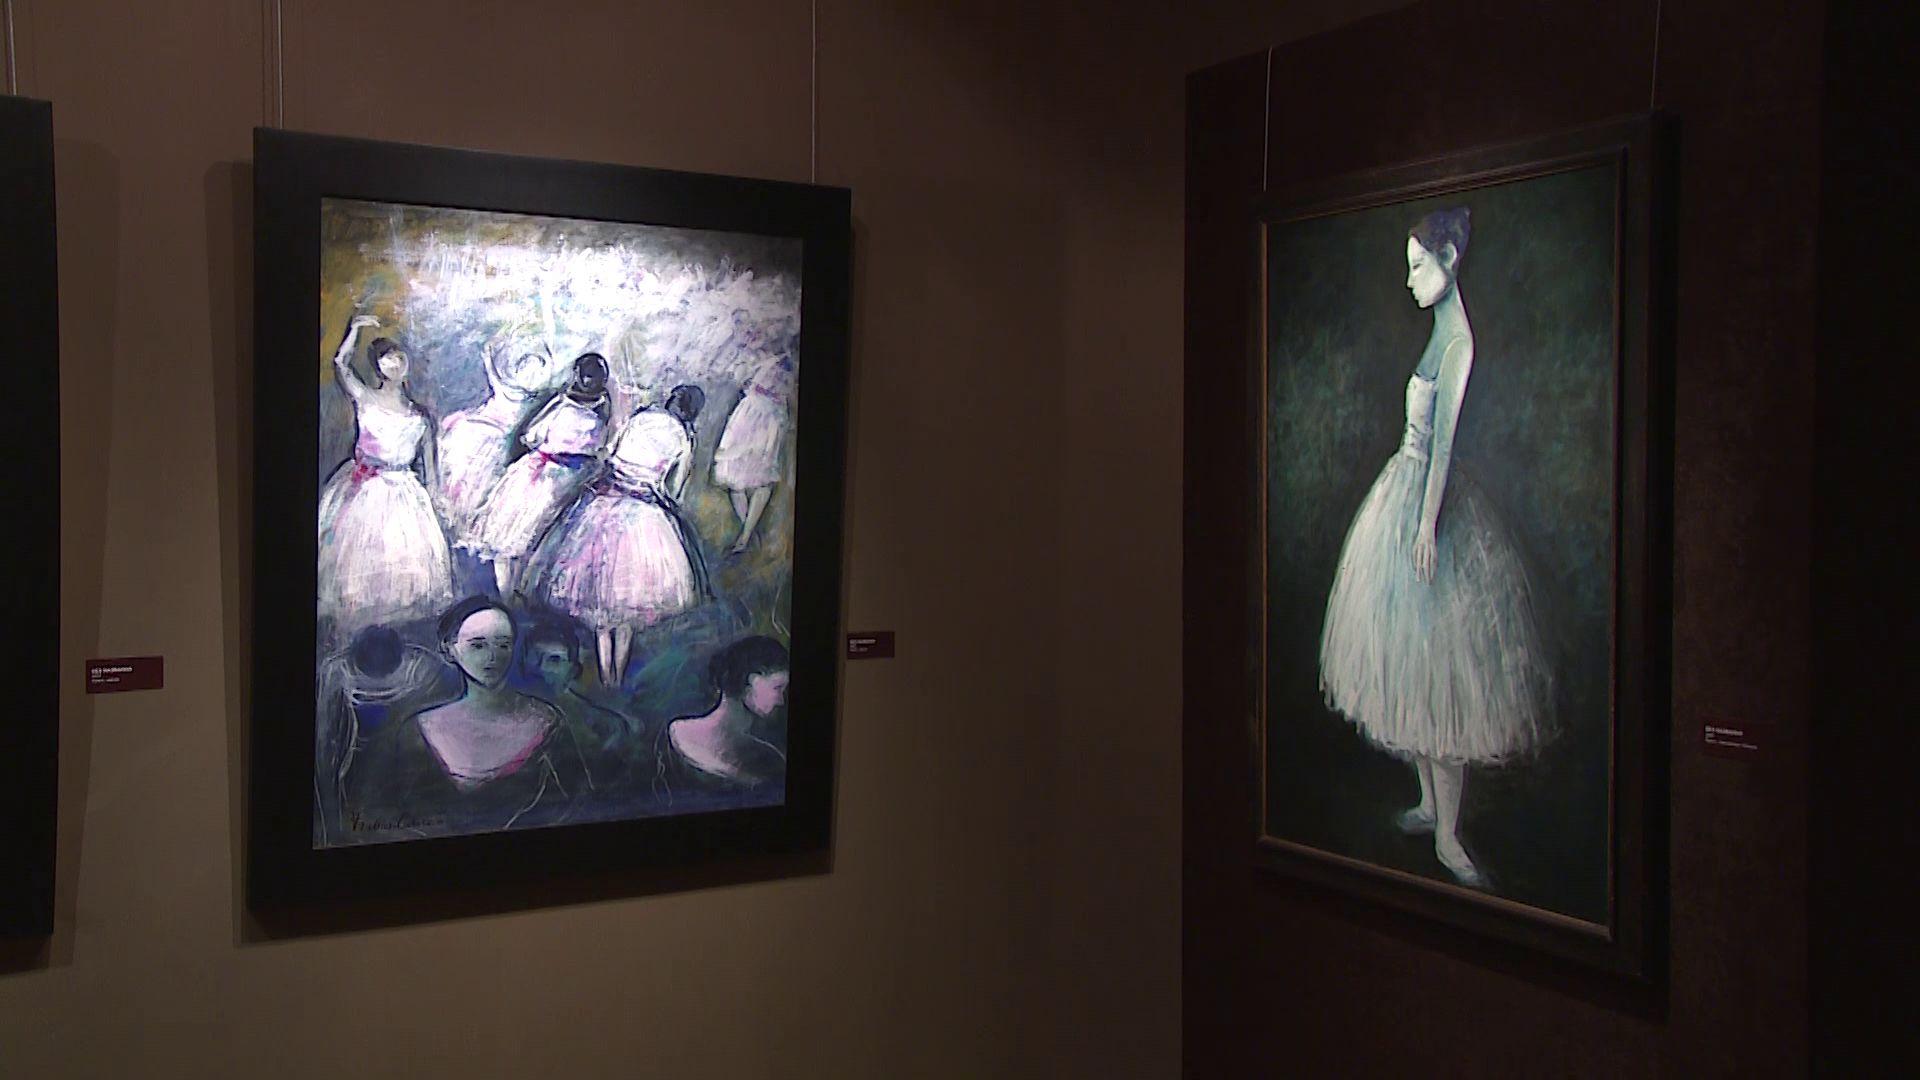 Выставка Франческо Караччи открылась в Музее зарубежного искусства